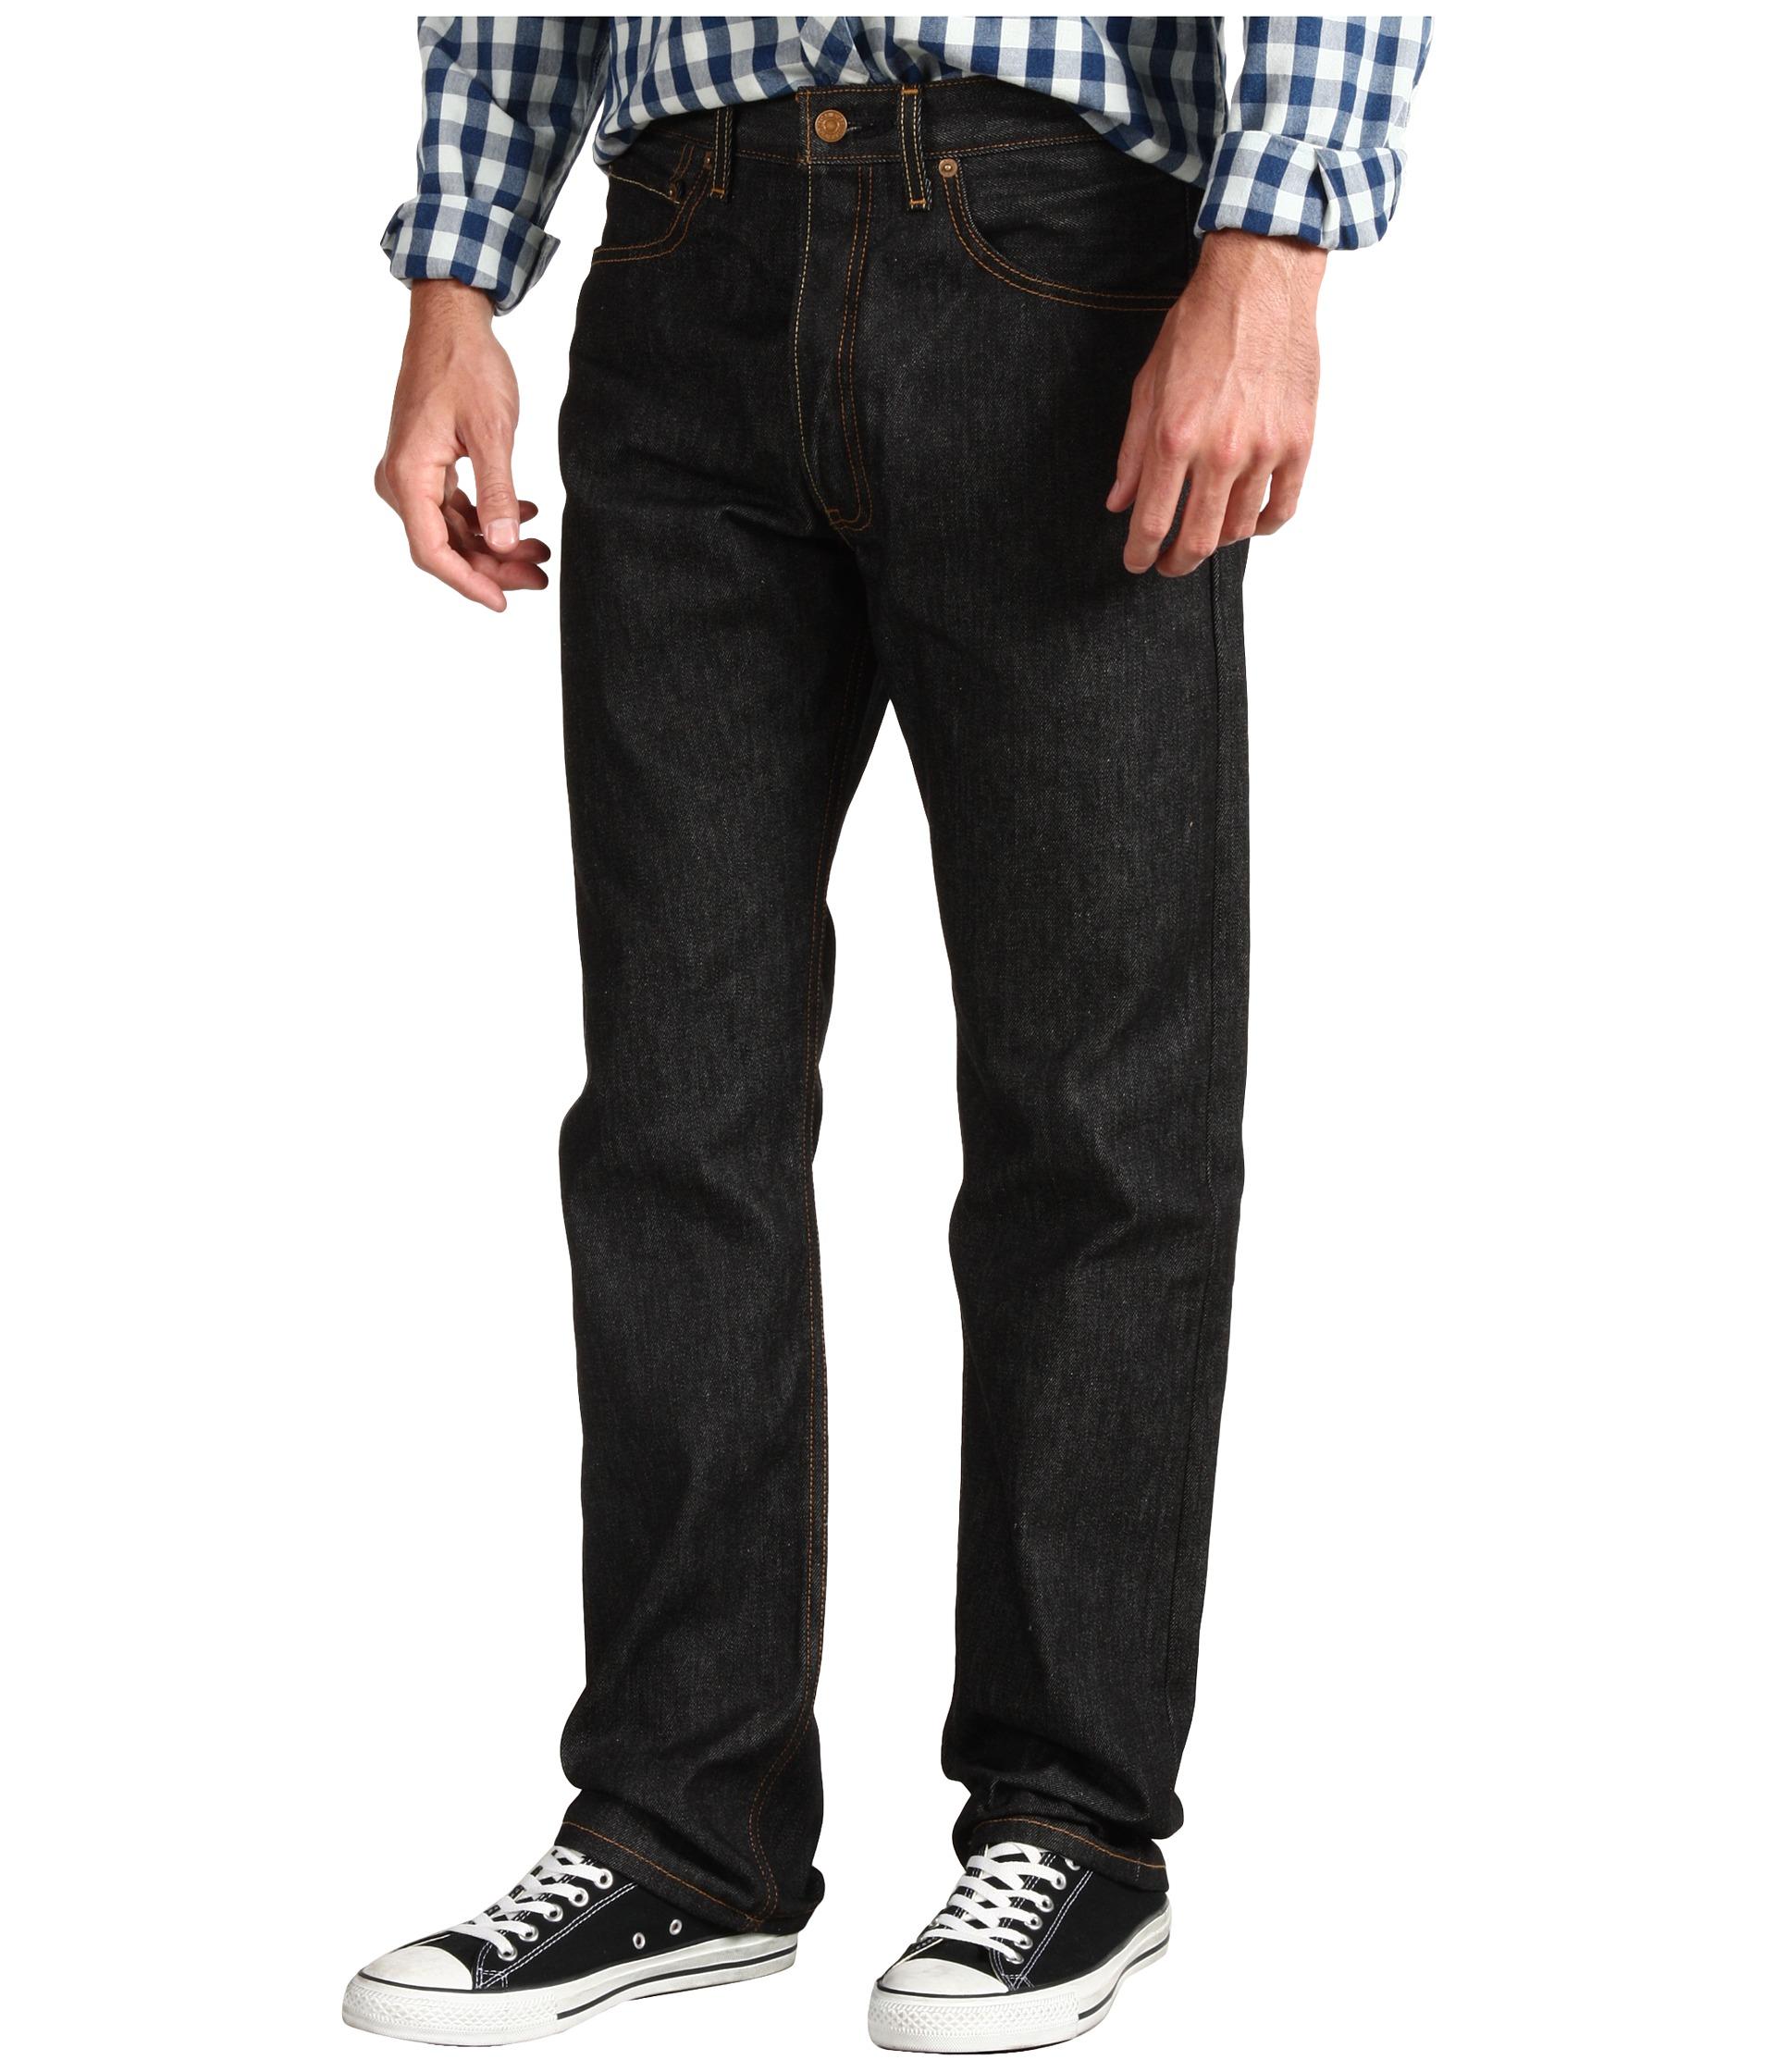 levi 39 s mens 501 original shrink to fit jeans black shrink to fit free shipping. Black Bedroom Furniture Sets. Home Design Ideas